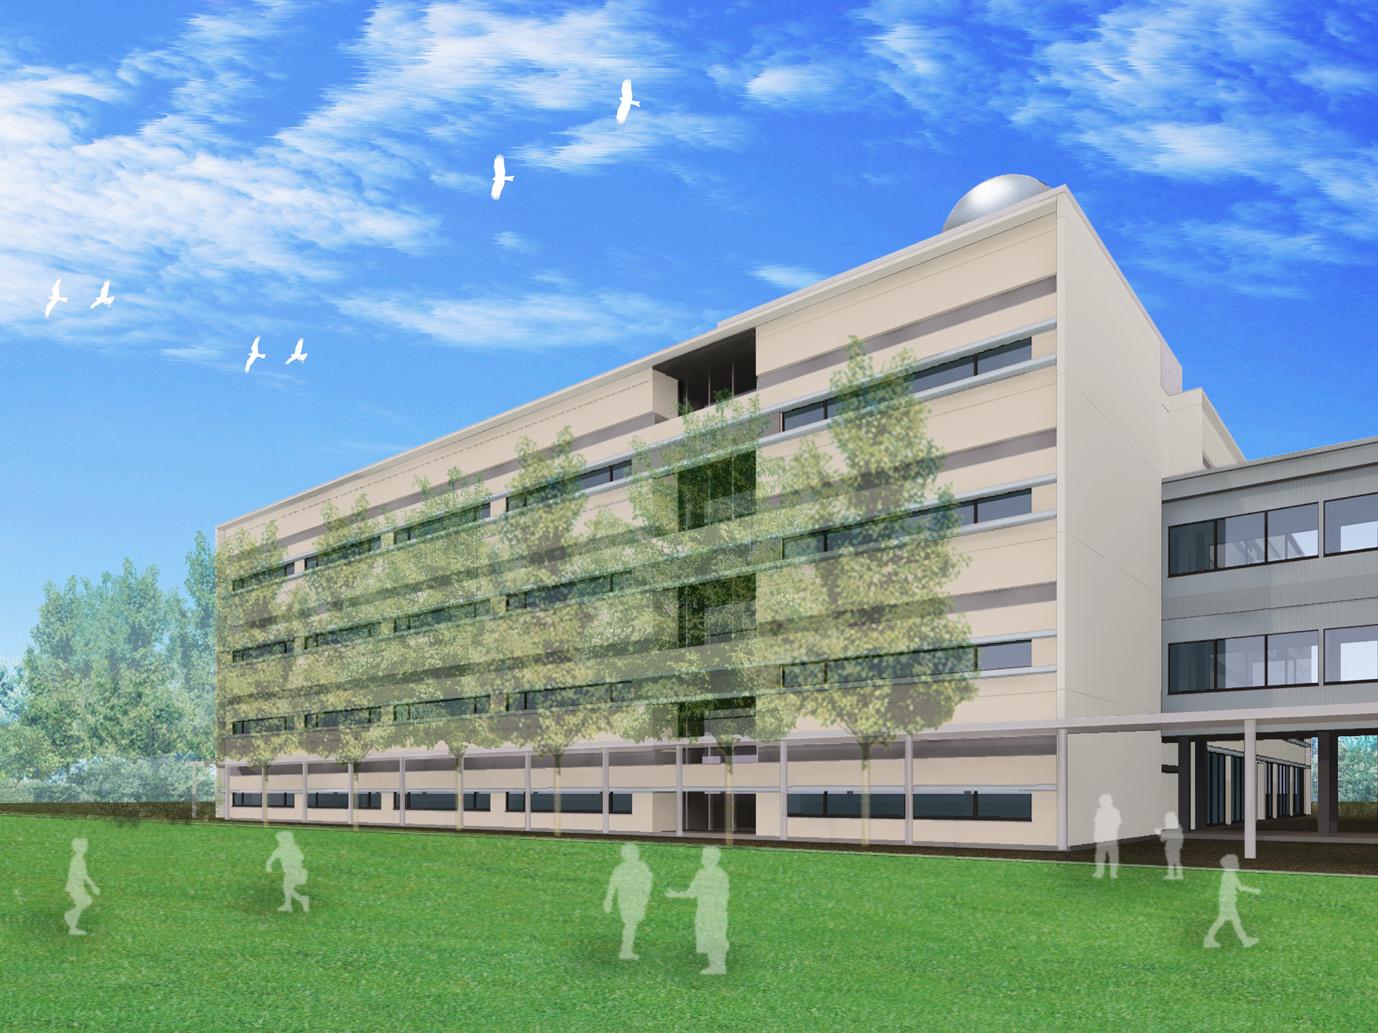 【武蔵学園百周年記念事業】武蔵高等学校中学校「理科・特別教室棟」の建設開始~Liberal Arts & Sciences教育の更なる充実を目指して